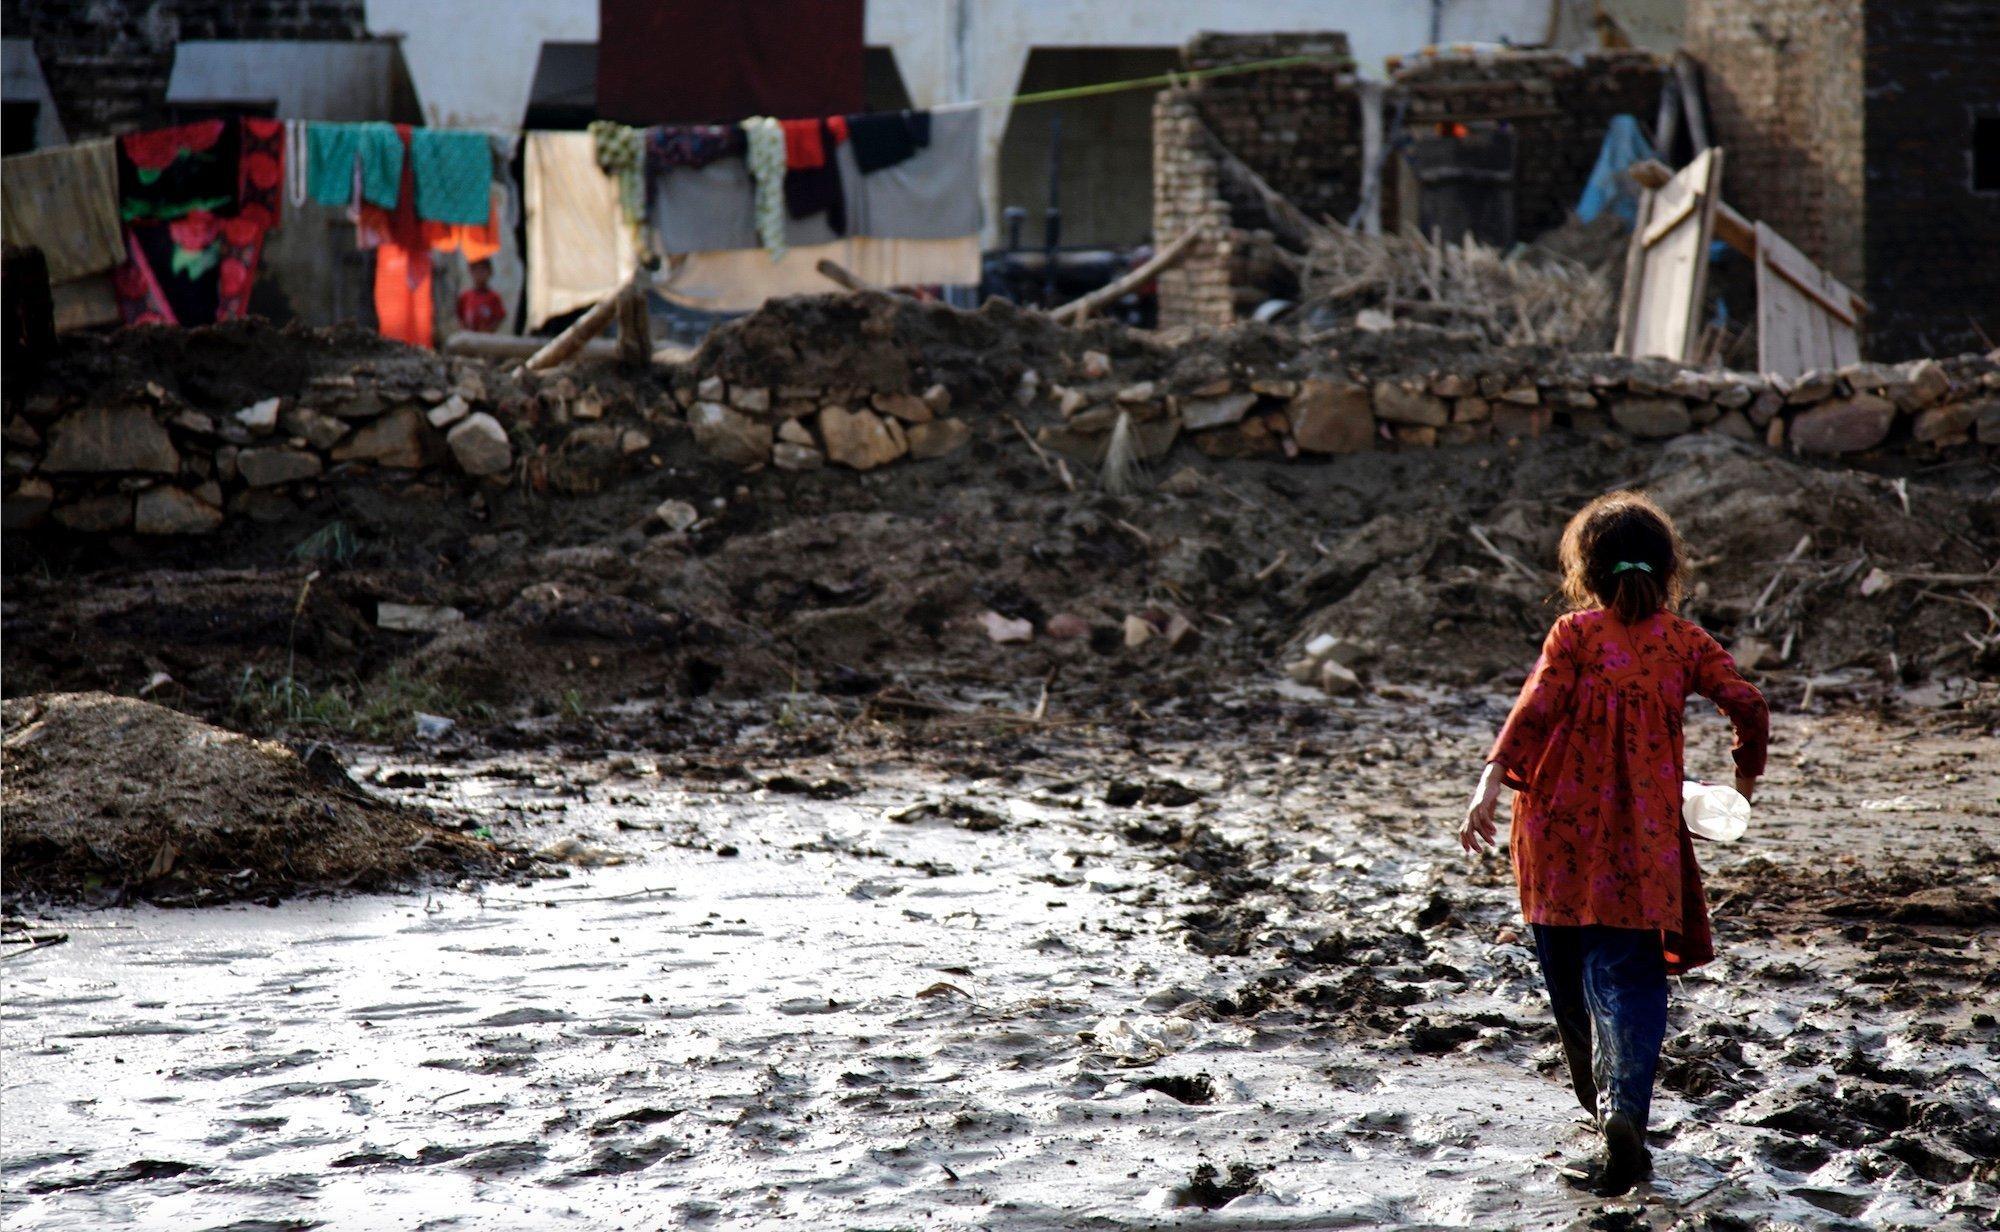 Ein Mädchen mit einer Plastik-Wasserflasche unter dem Arm läuft an einer matschigen Pfütze entlang, die von einer zurückgehenden Überschwemmung zurückgeblieben ist.